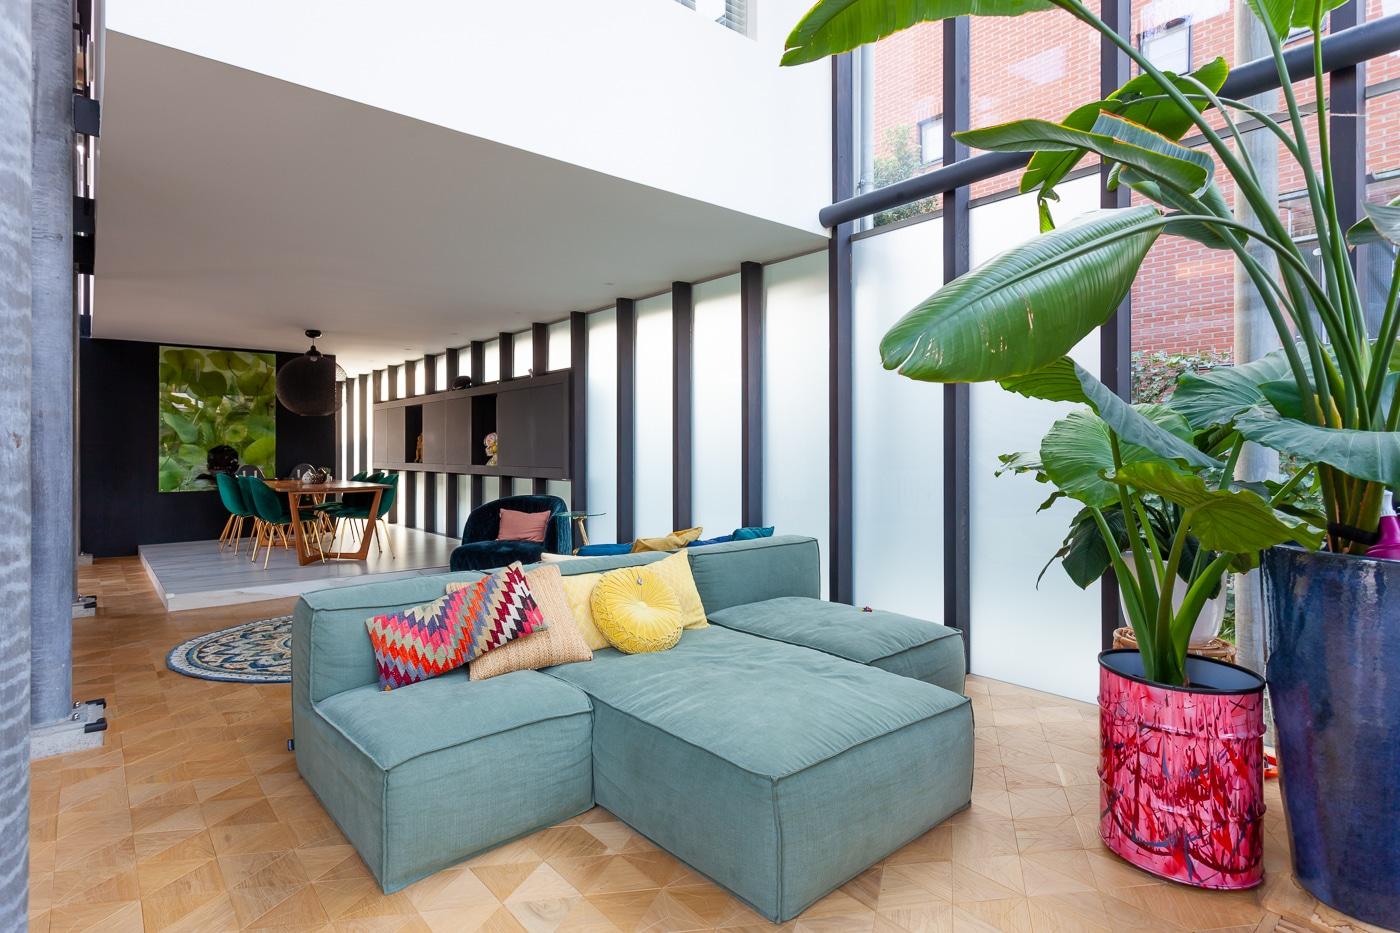 Woonhuis H+A uitbreiding makeover interieur 6 woonkamer